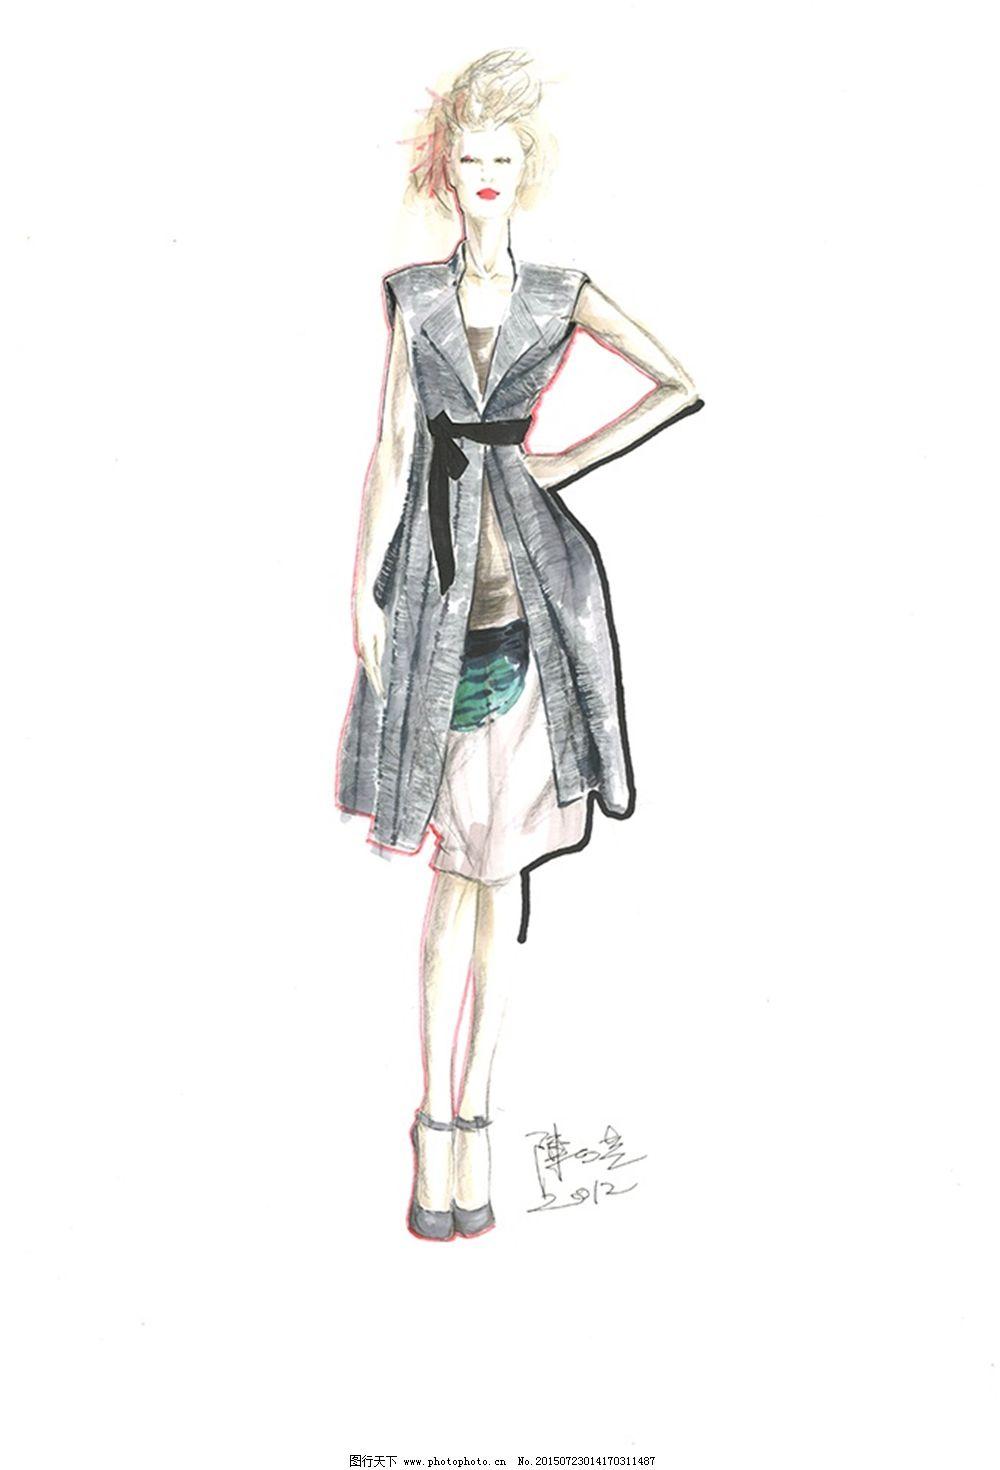 设计图库 服装设计 手绘服装设计    上传: 2015-7-23 大小: 635.